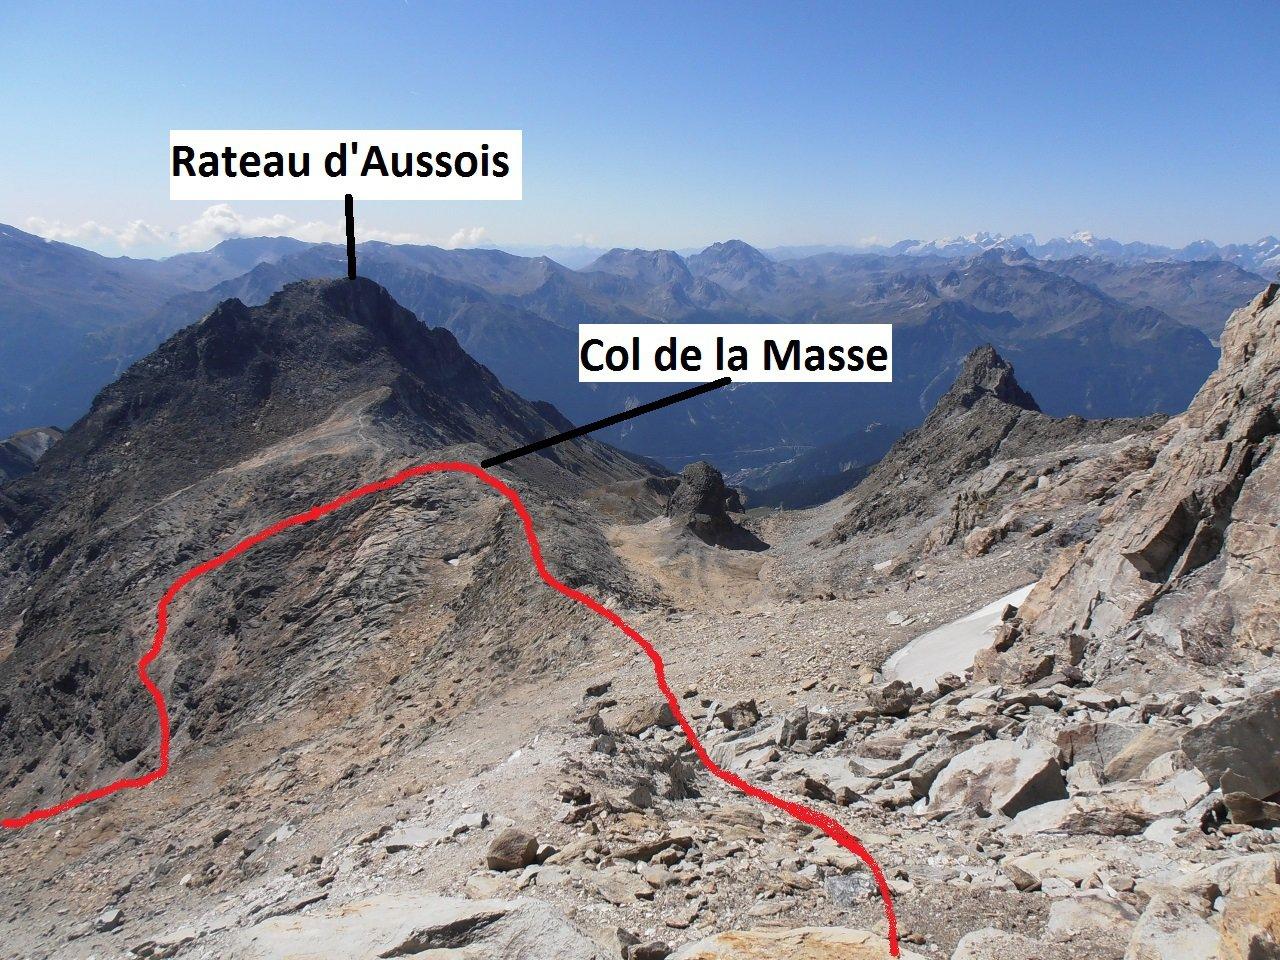 05 - quasi in cresta, percorso dal Col de la Masse